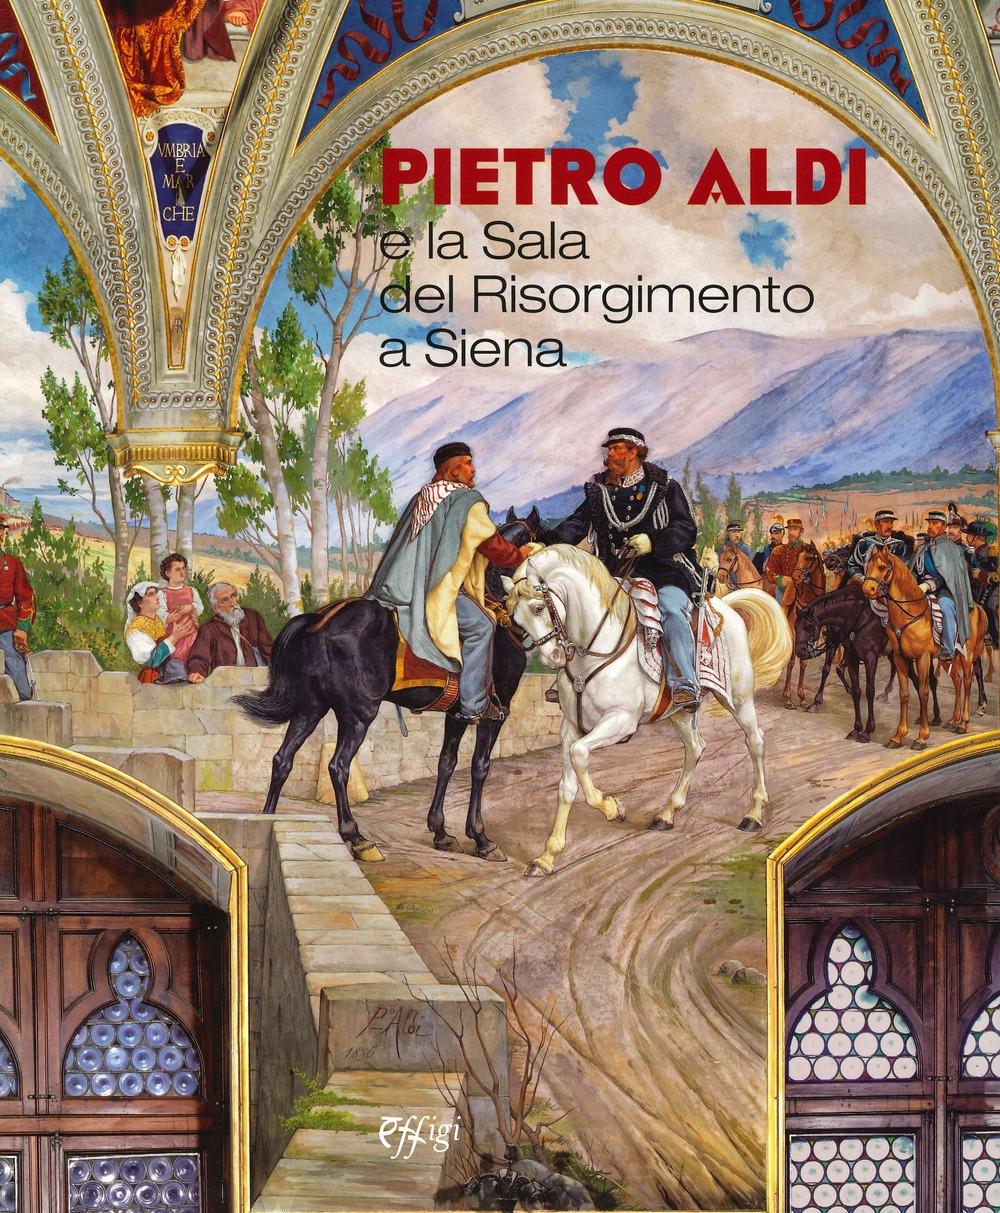 Pietro Aldi e la Sala del Risorgimento a Siena